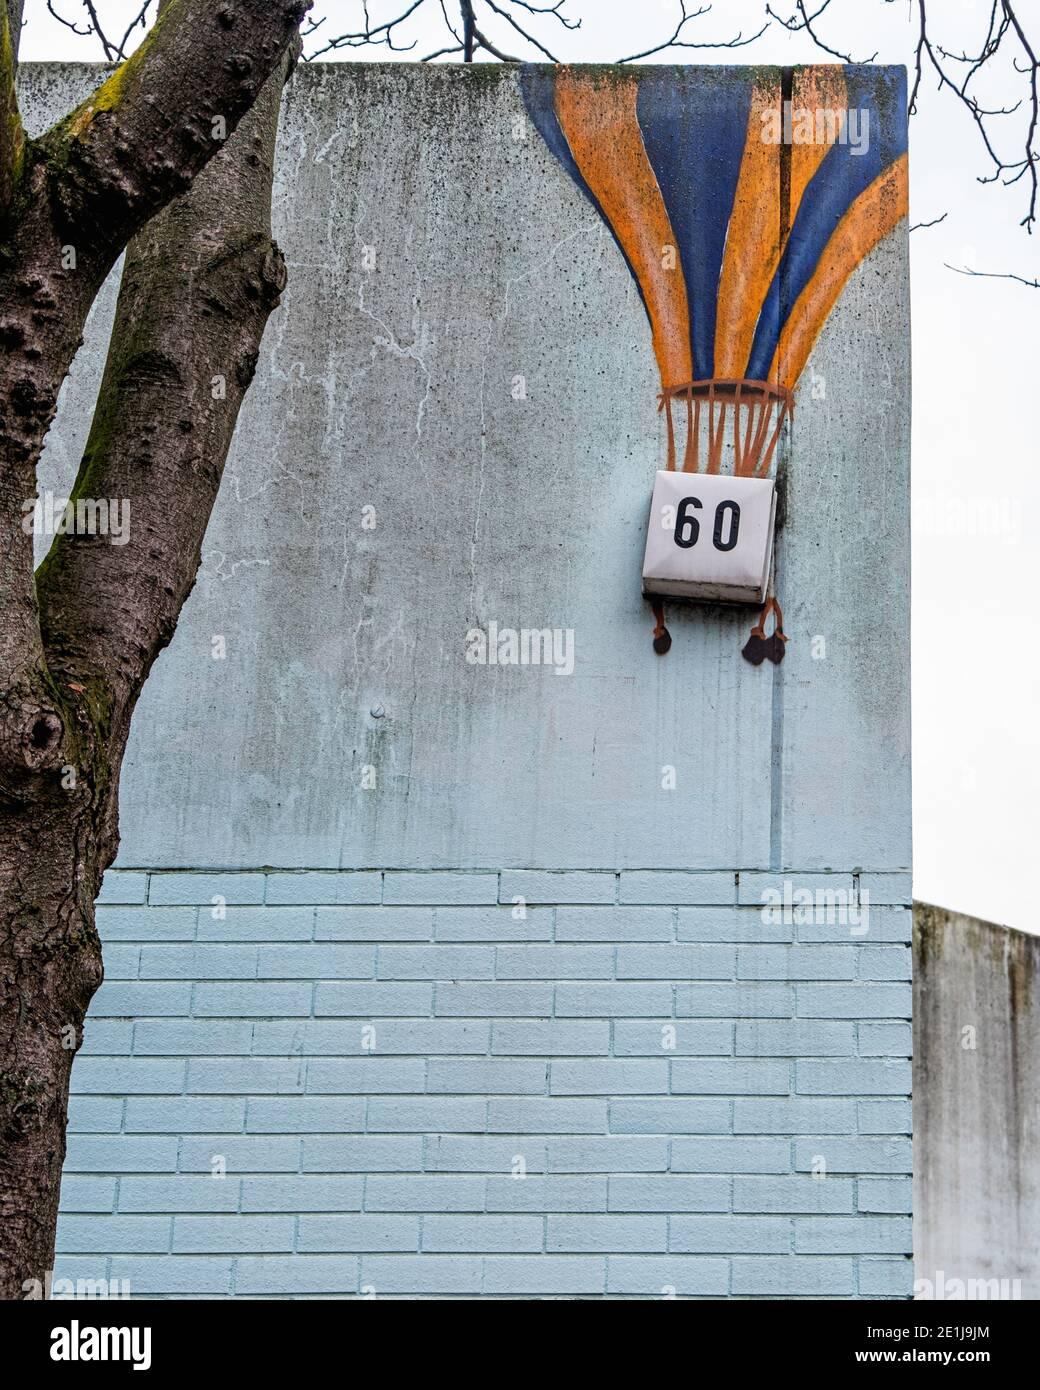 Street art on Wall of Kindergärten City nurserie School,Ackerstrasse,60 Mitte, Berlin. Ballon d'air chaud Banque D'Images